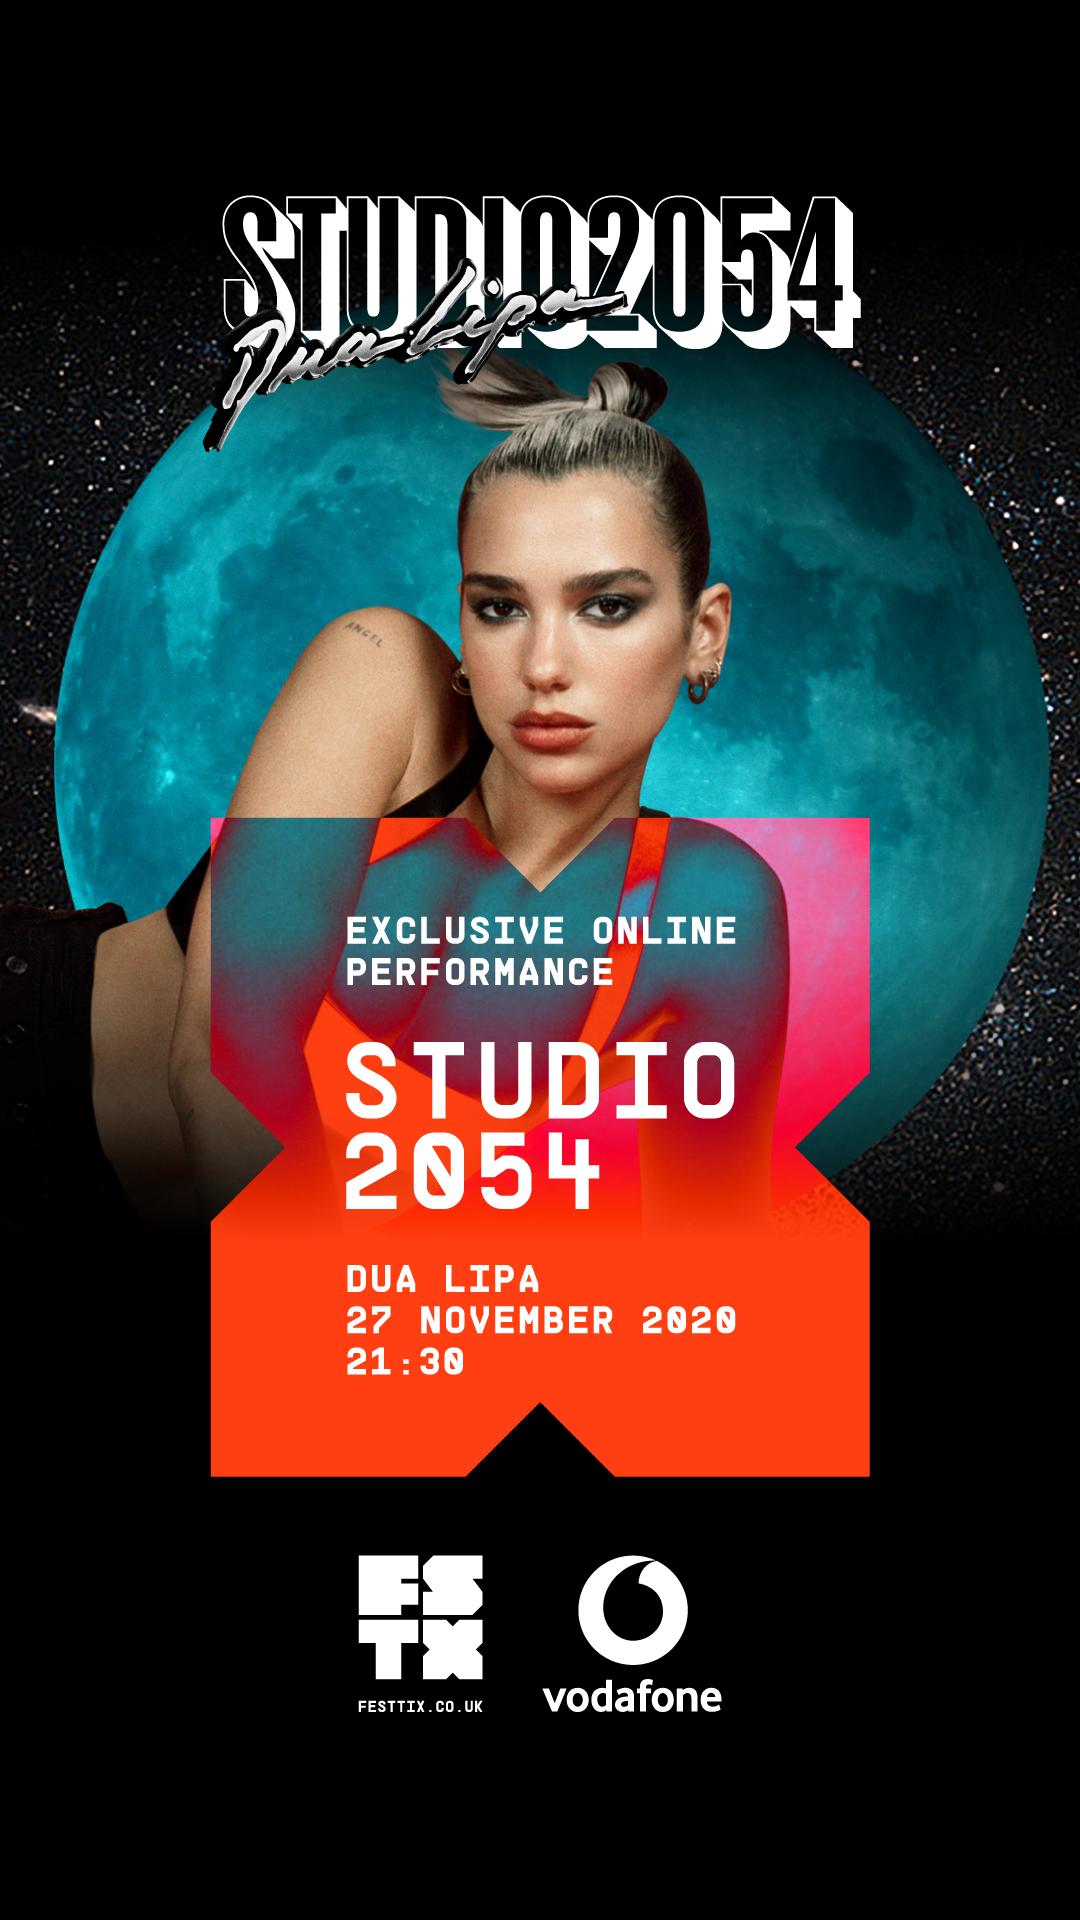 Shake për Studio 2054 Dua Lipa